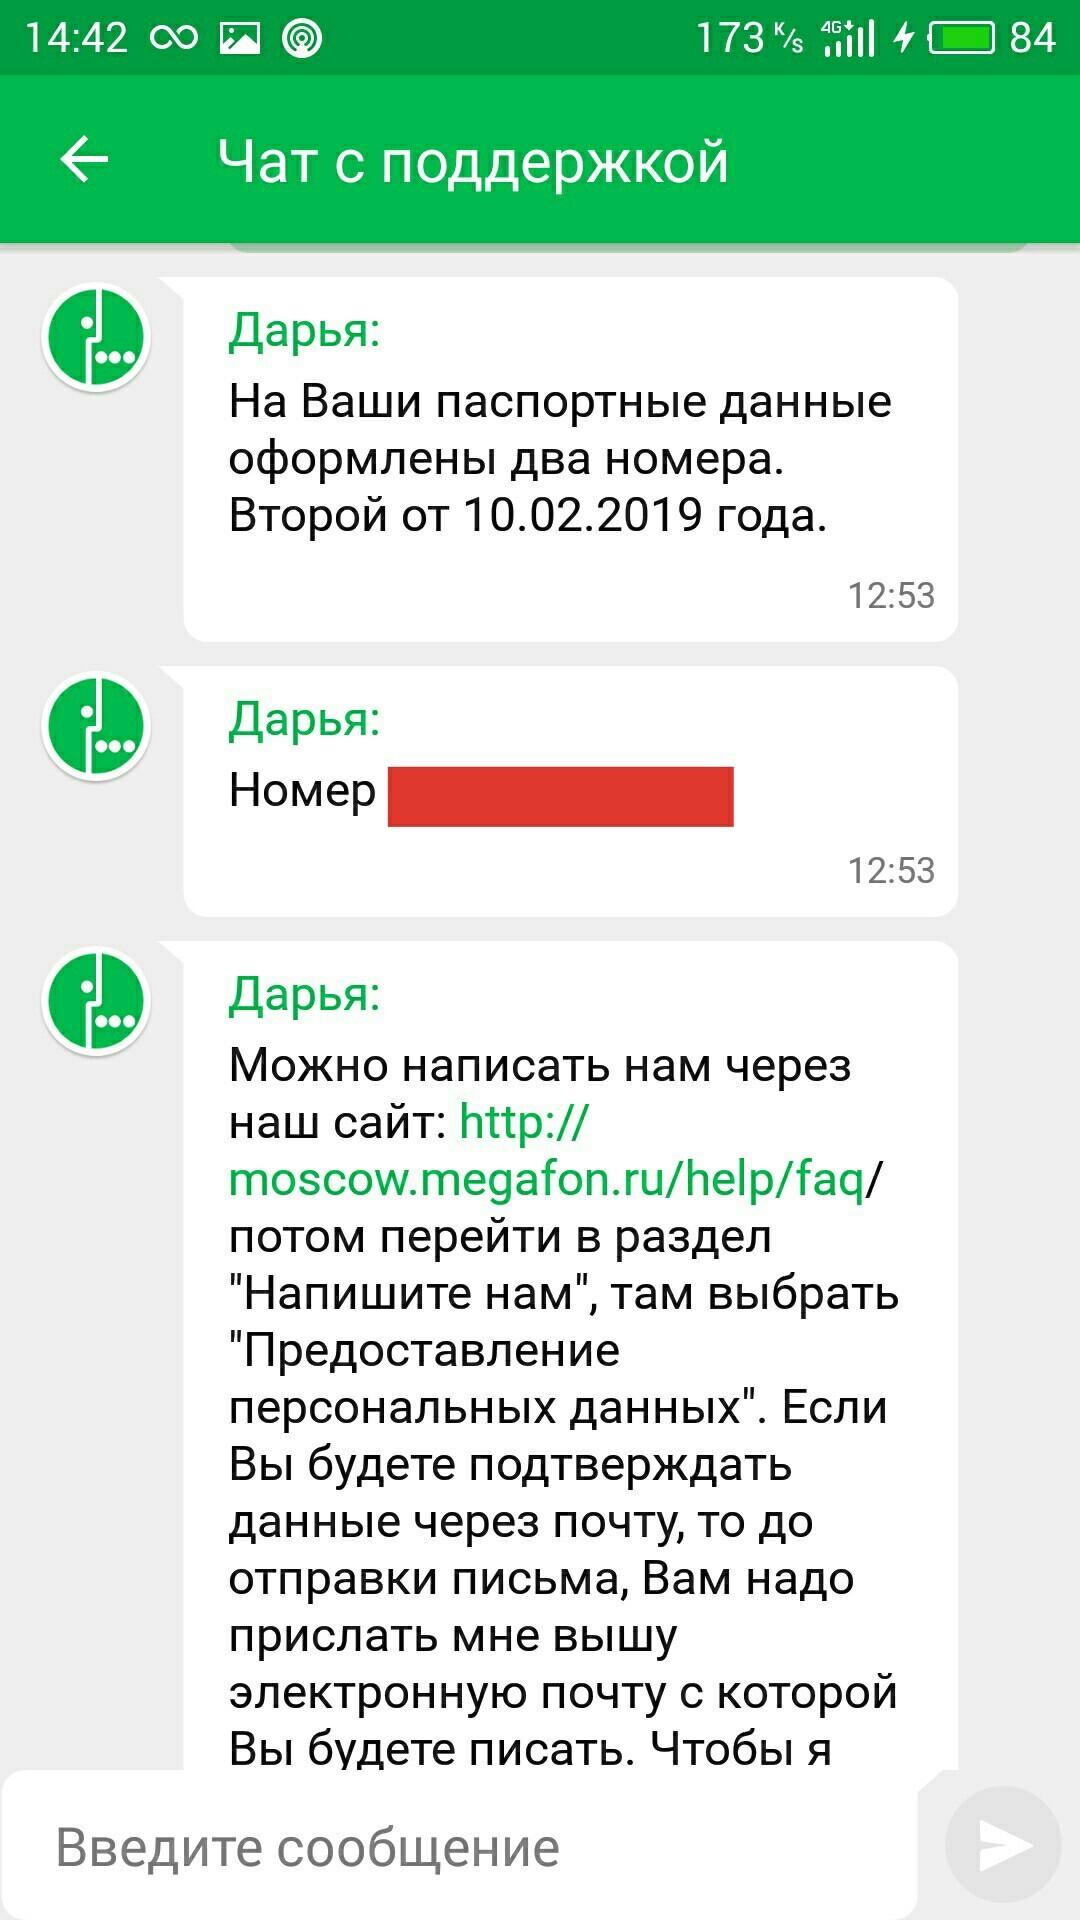 Миграционный центр москва официальный сайт